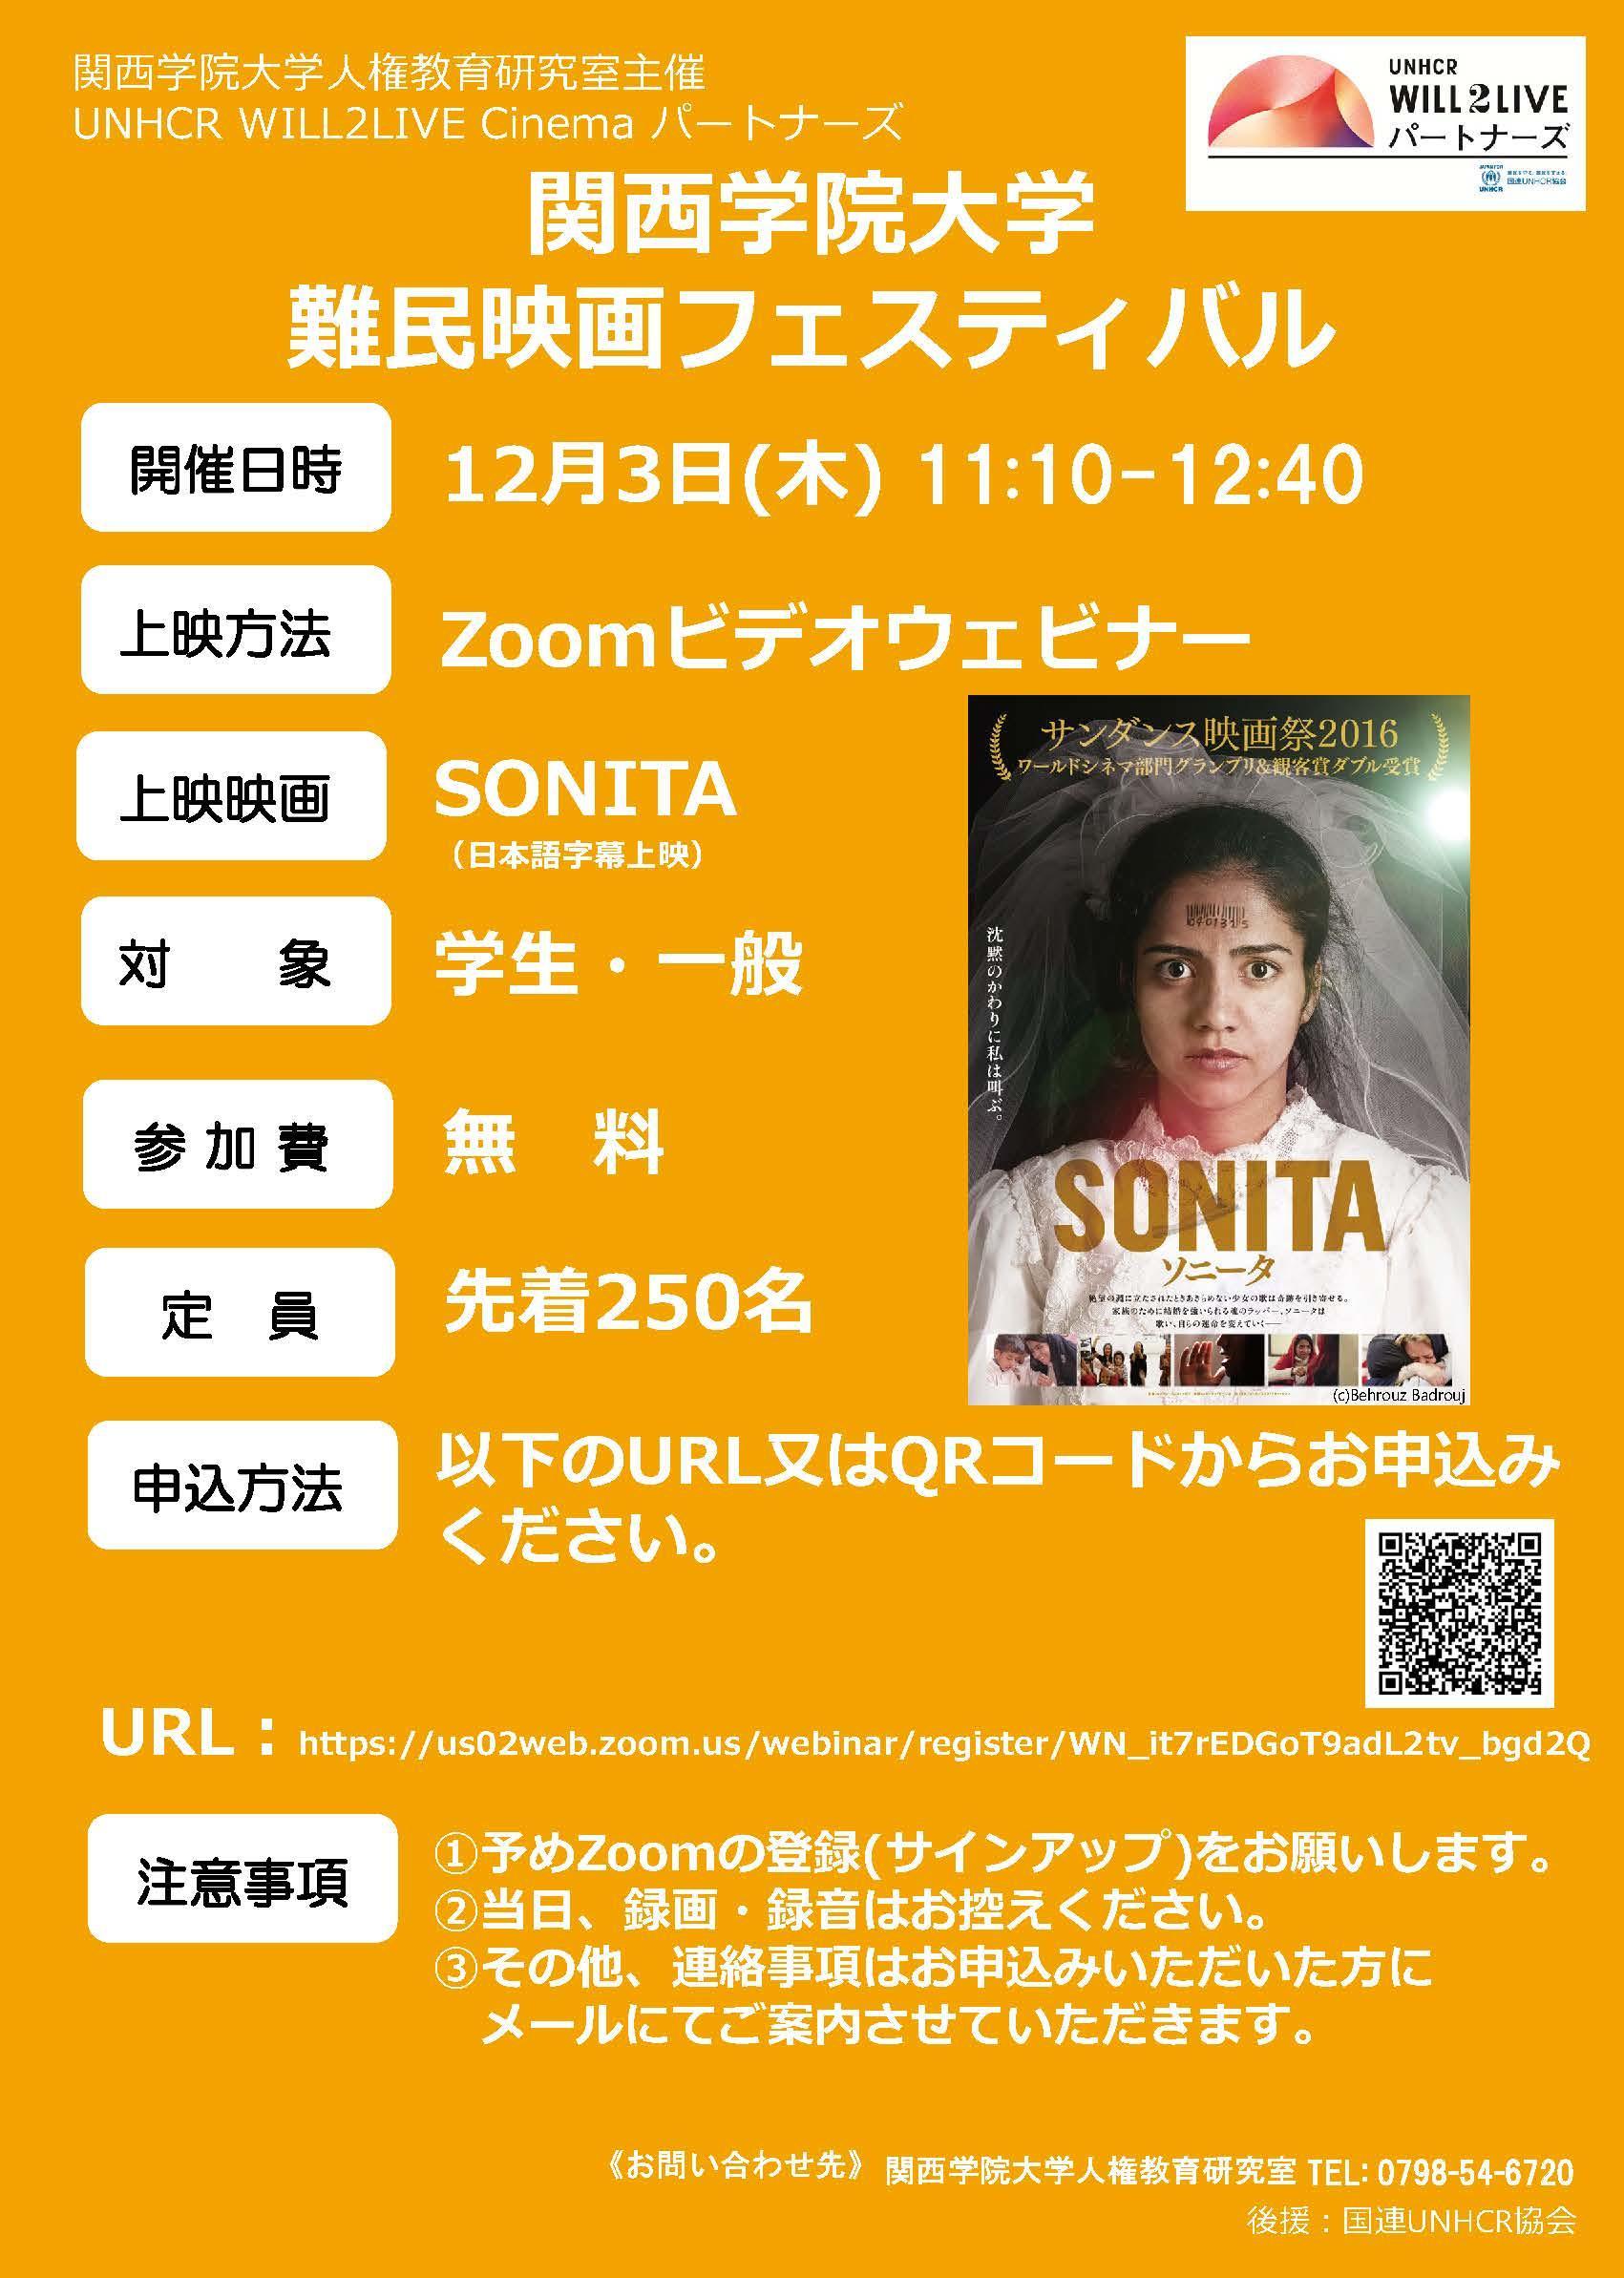 関西学院大学 難民映画フェスティバルを12月3日にオンラインで開催 「SONITA(ソニータ)」を上映